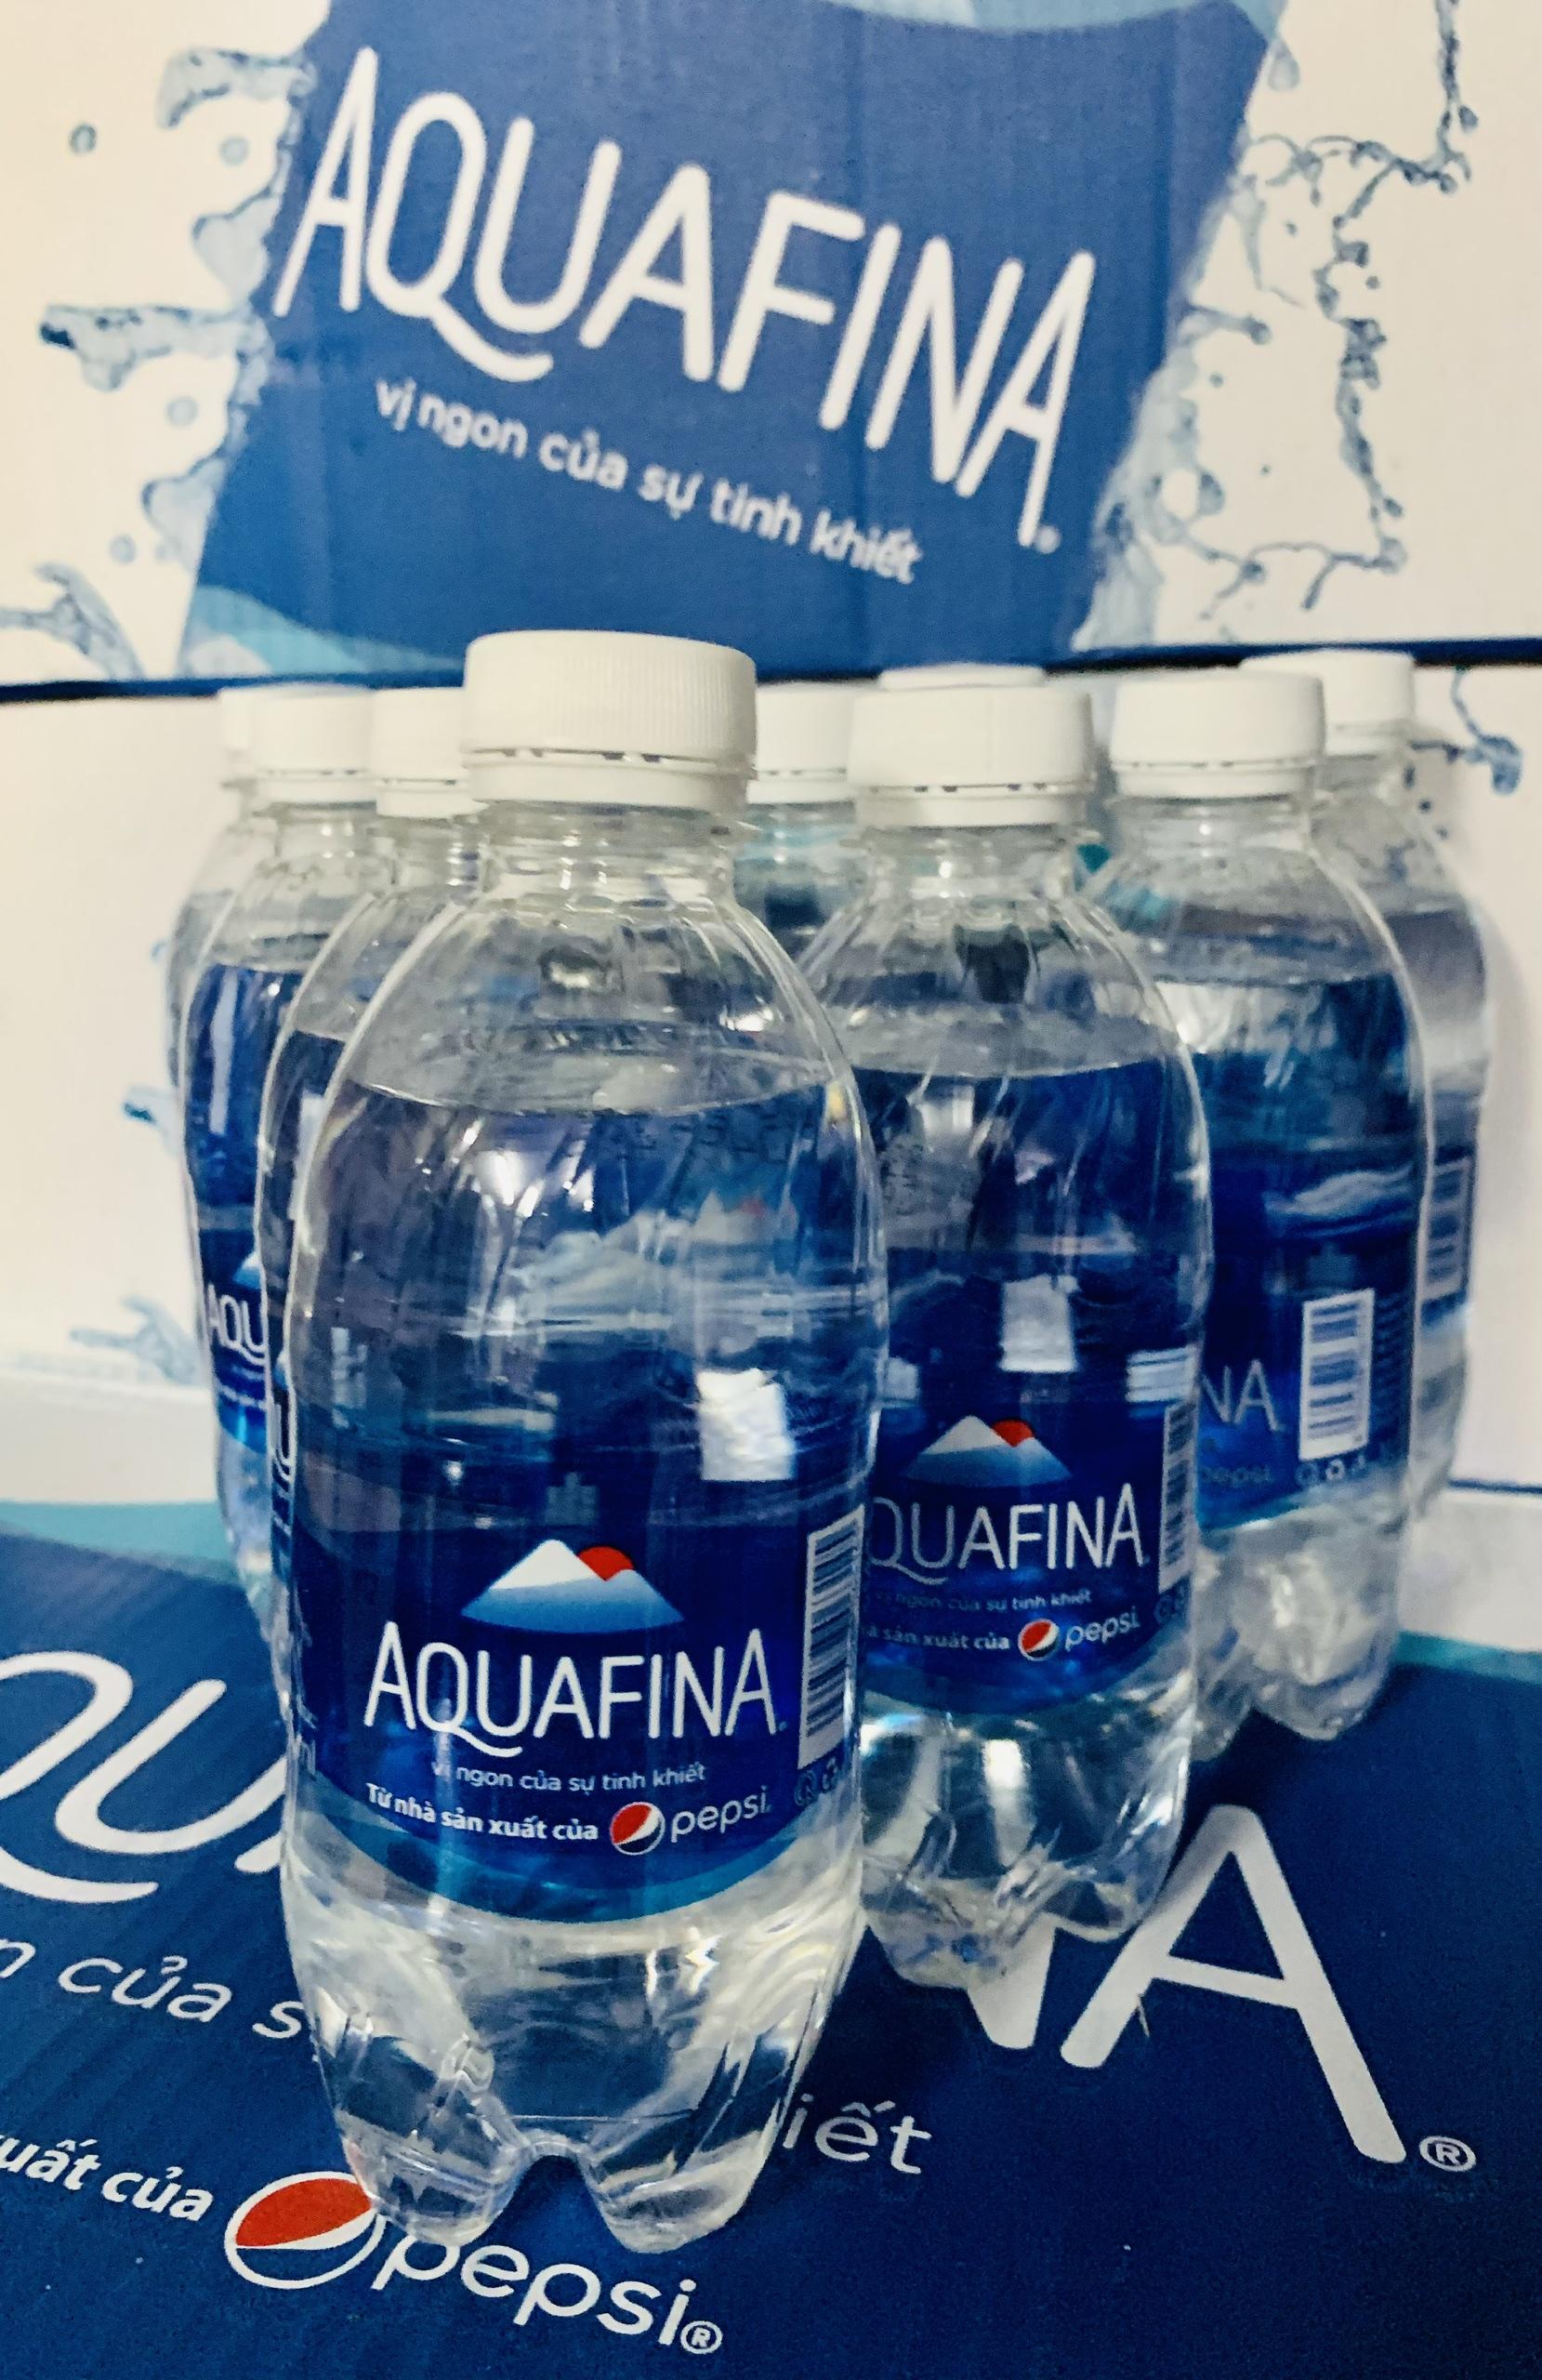 Nước tinh khiết Aquafina Hà Nội